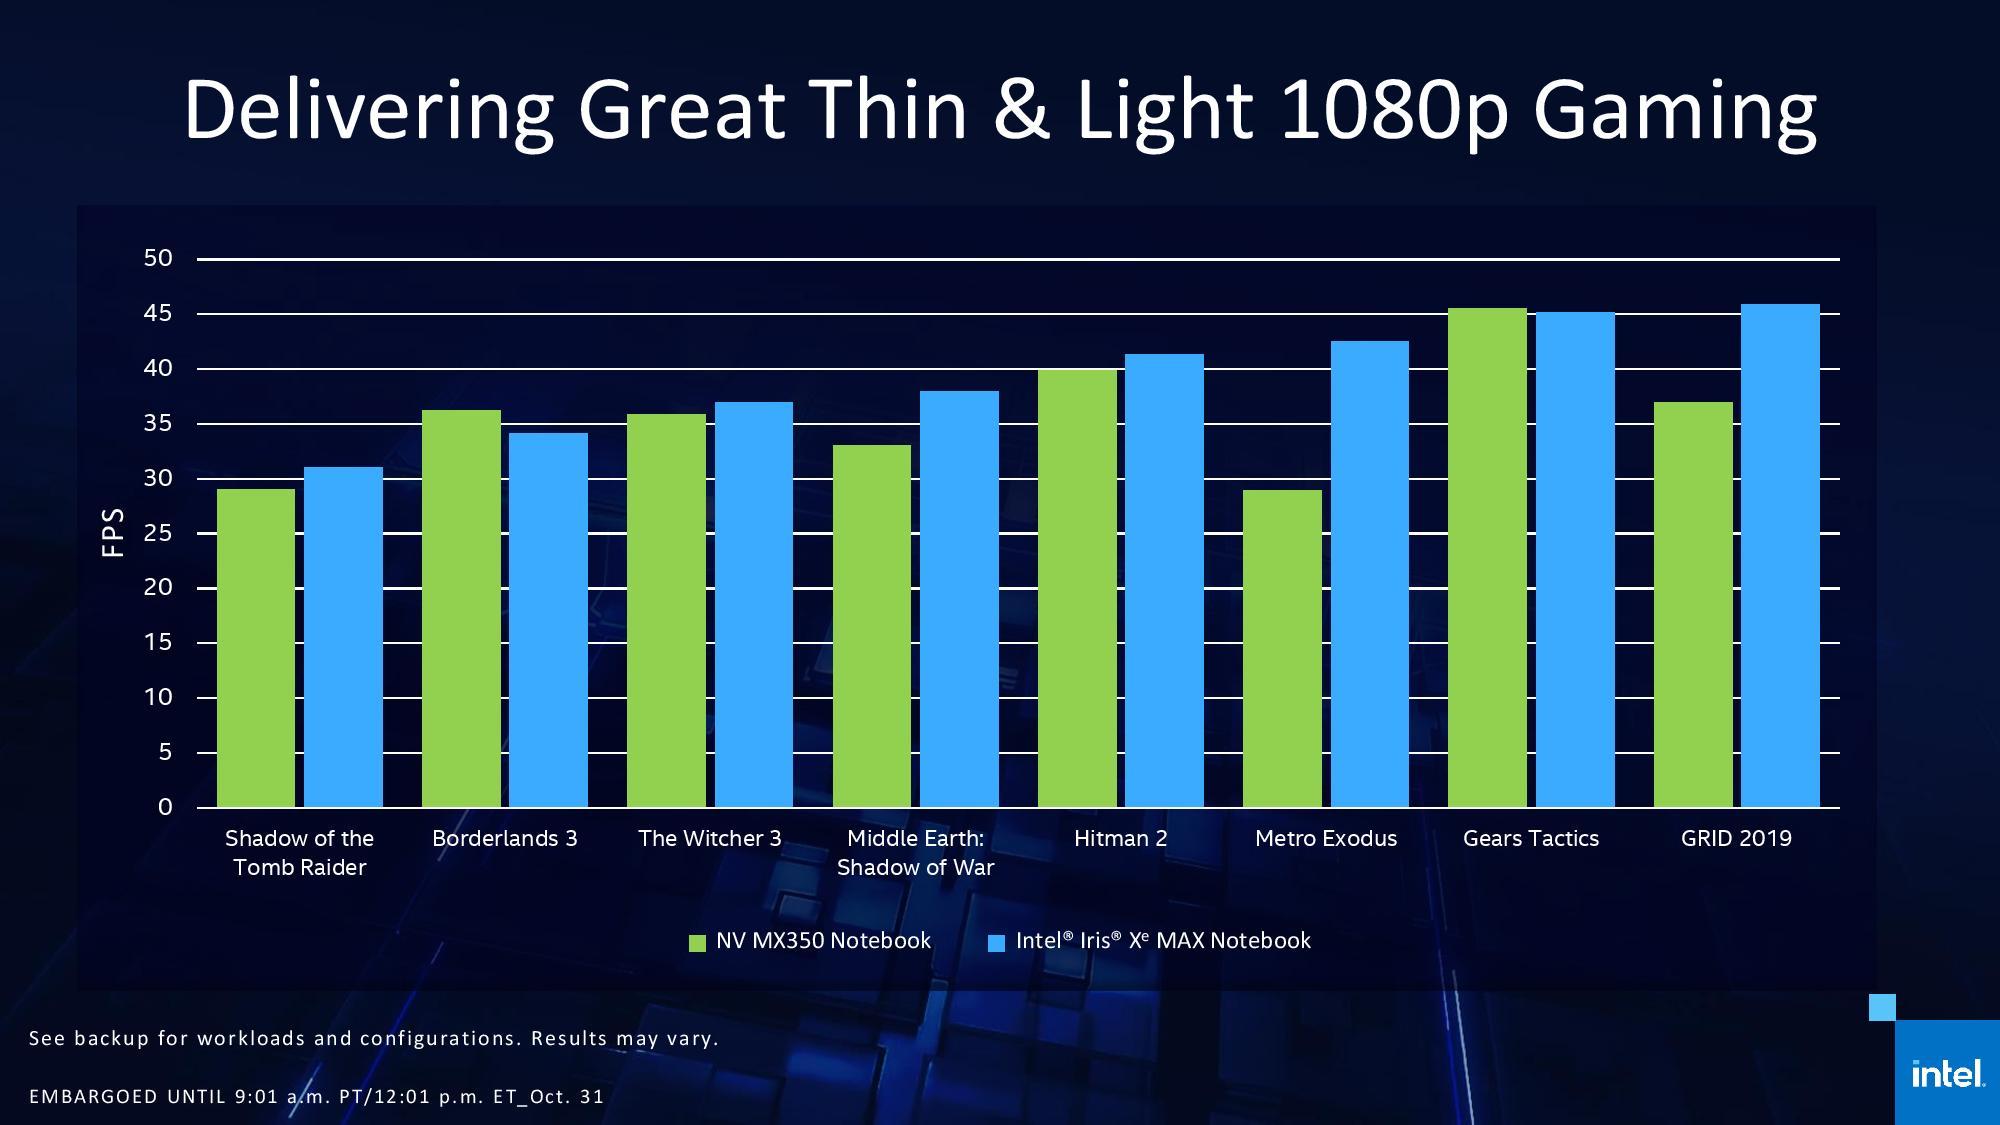 Intel Iris Xe Max GPU vs Nvidia MX350